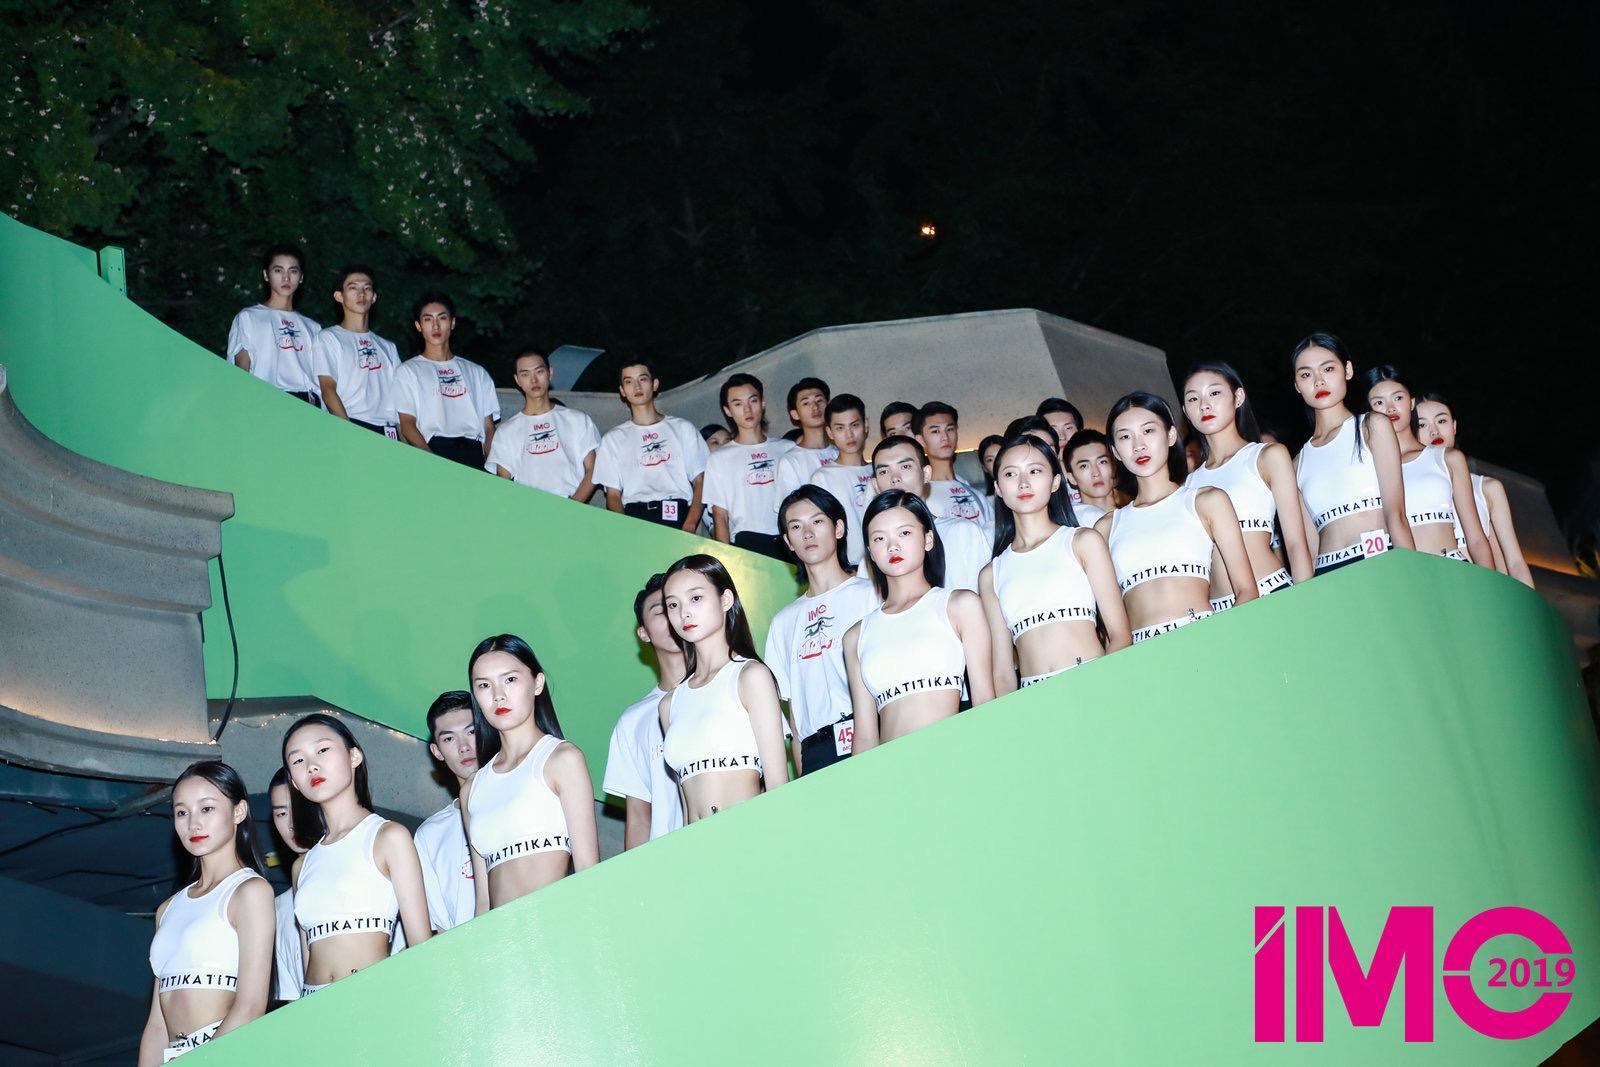 上海时装周压轴巨献——2019IMC上海国际模特大赛全国总决赛颁奖盛典圆满落幕